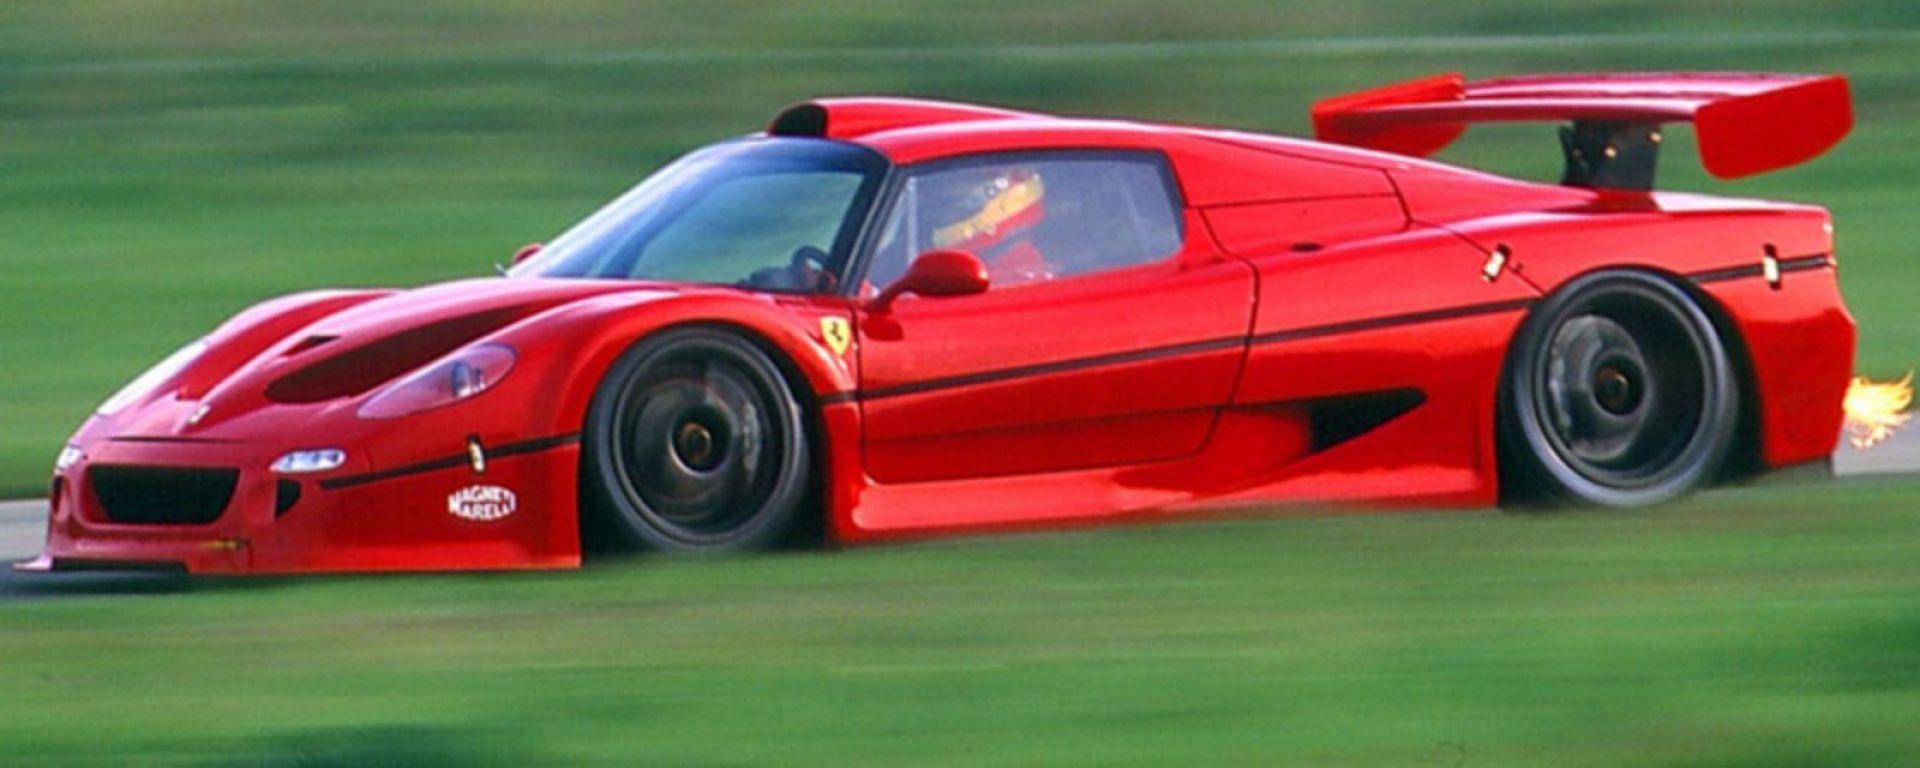 Ferrari F50 GT: il prototipo che non ha mai corso